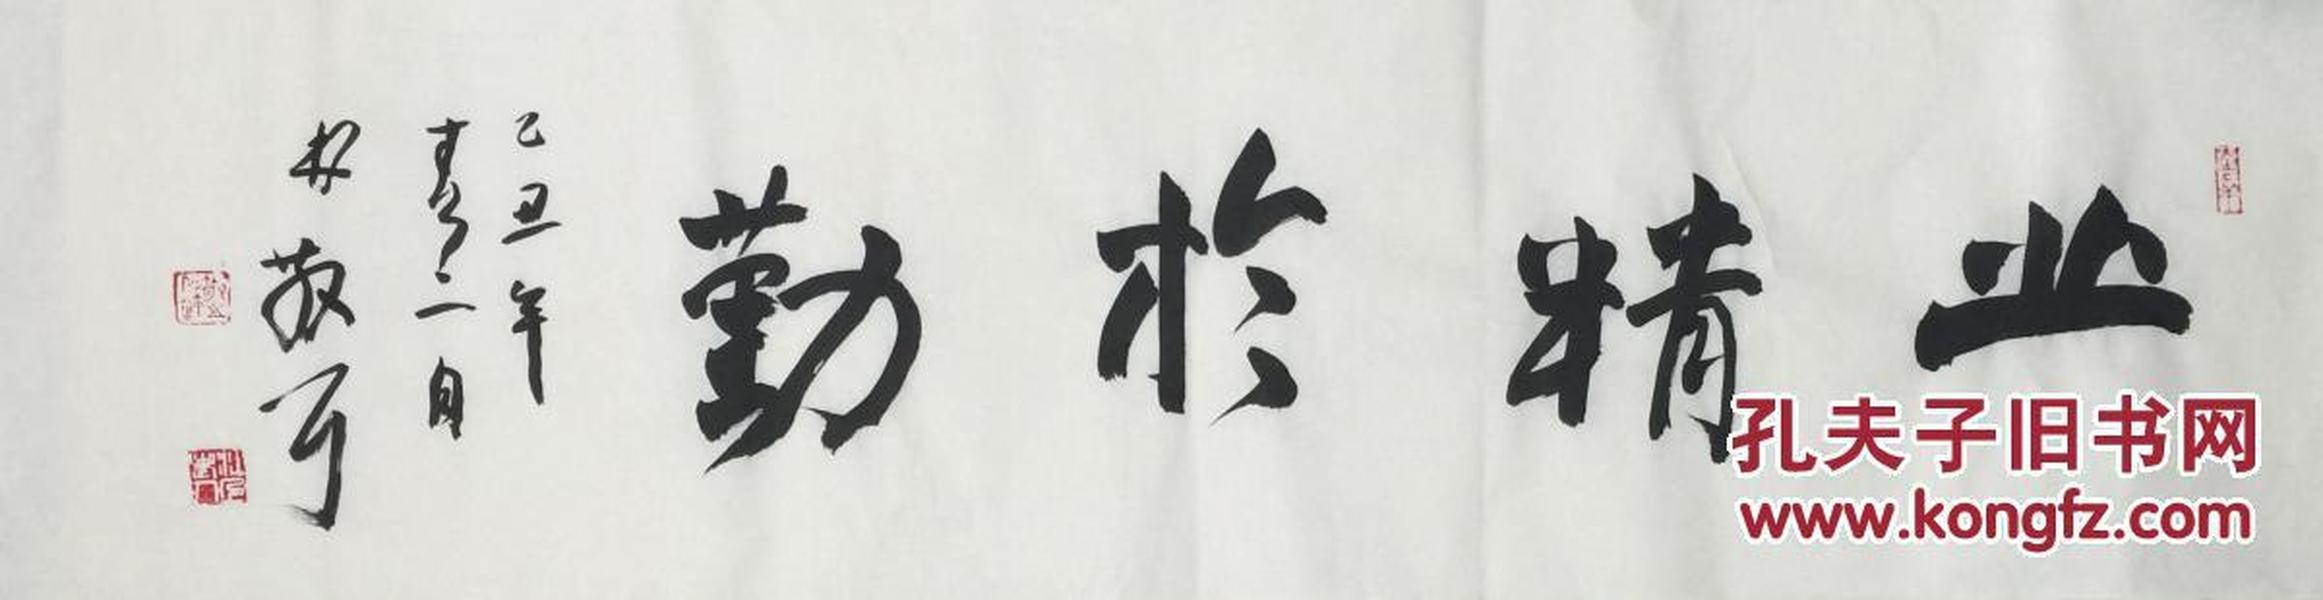 ★【顺丰包邮】、【纯手绘】【林散之】、书法、纯手绘、四尺对开(138*34)13★买家自鉴